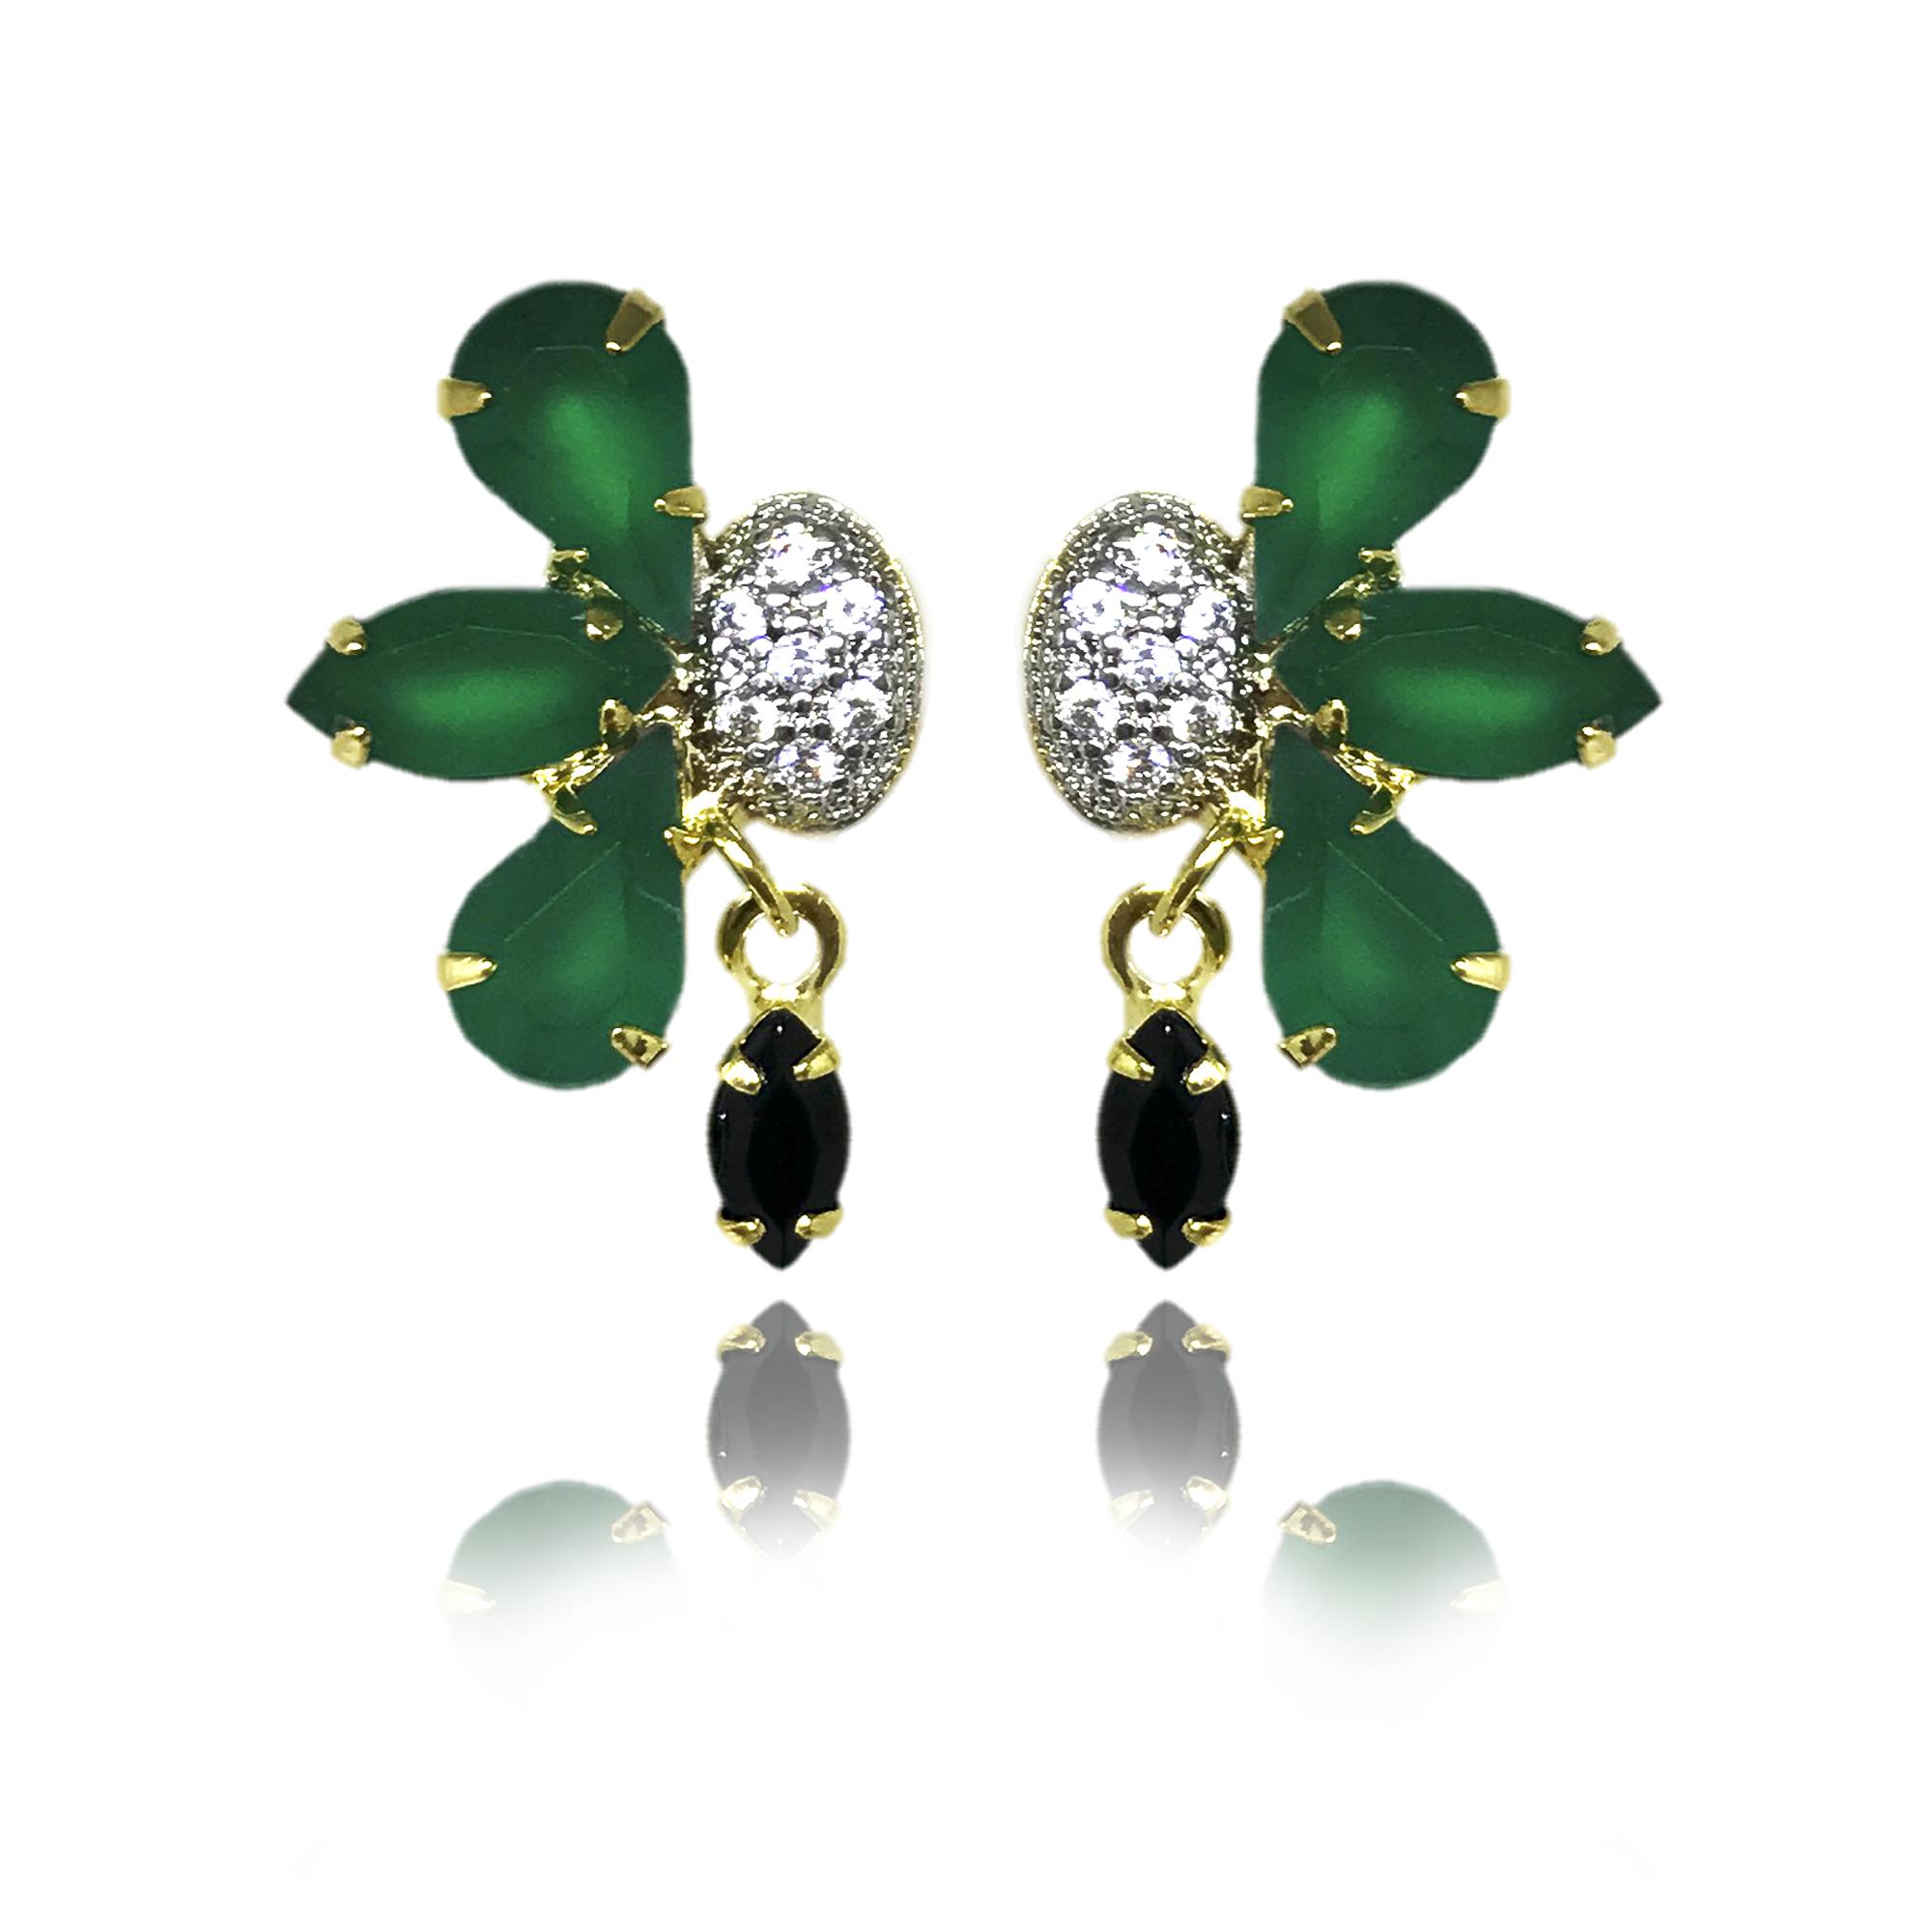 Brinco flor pequeno em cristais verdes e pretos